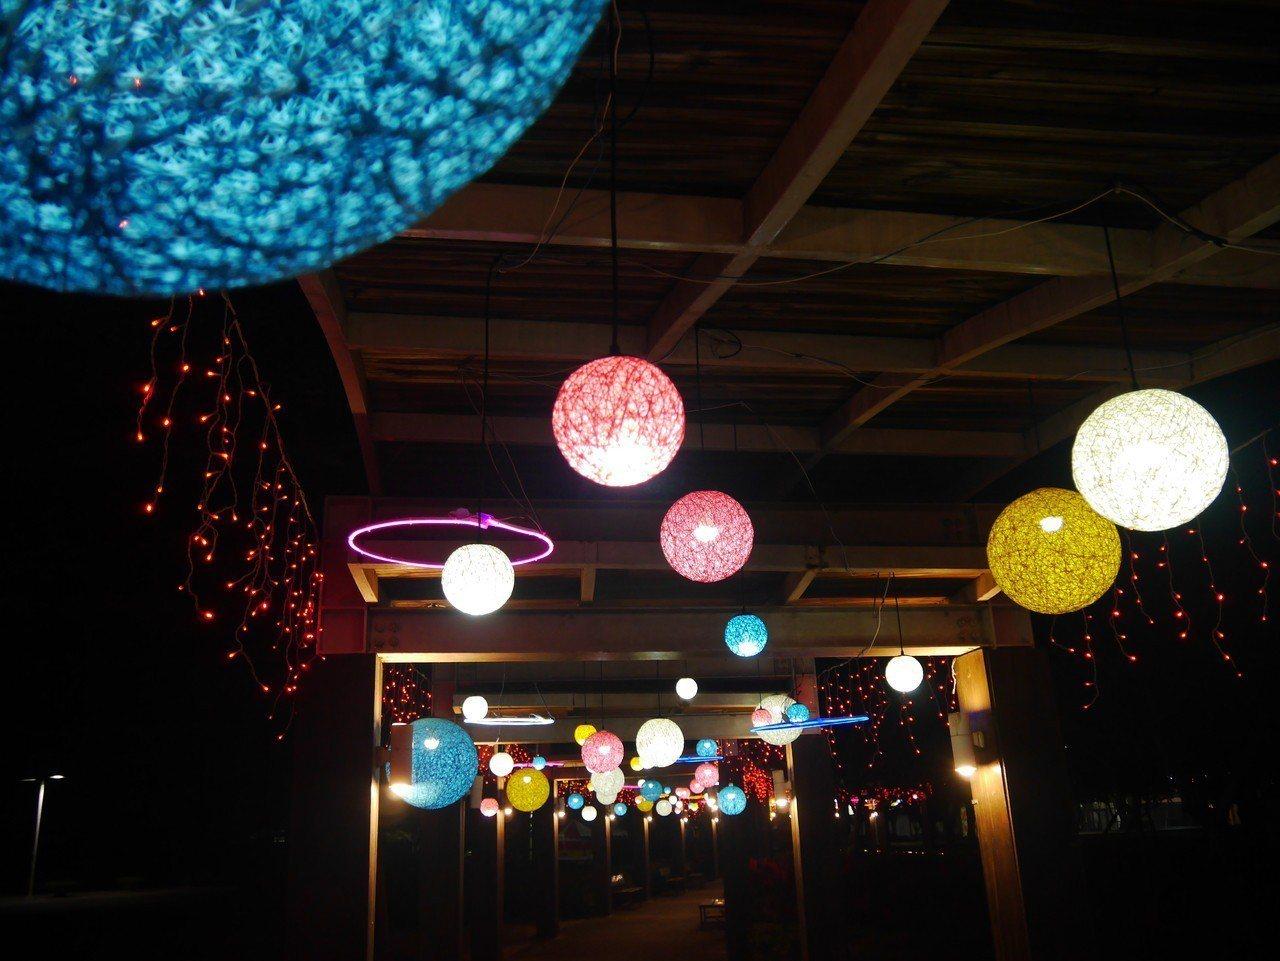 花在彰化的賞燈活動今晚正式在溪州公園登場。記者何烱榮/攝影